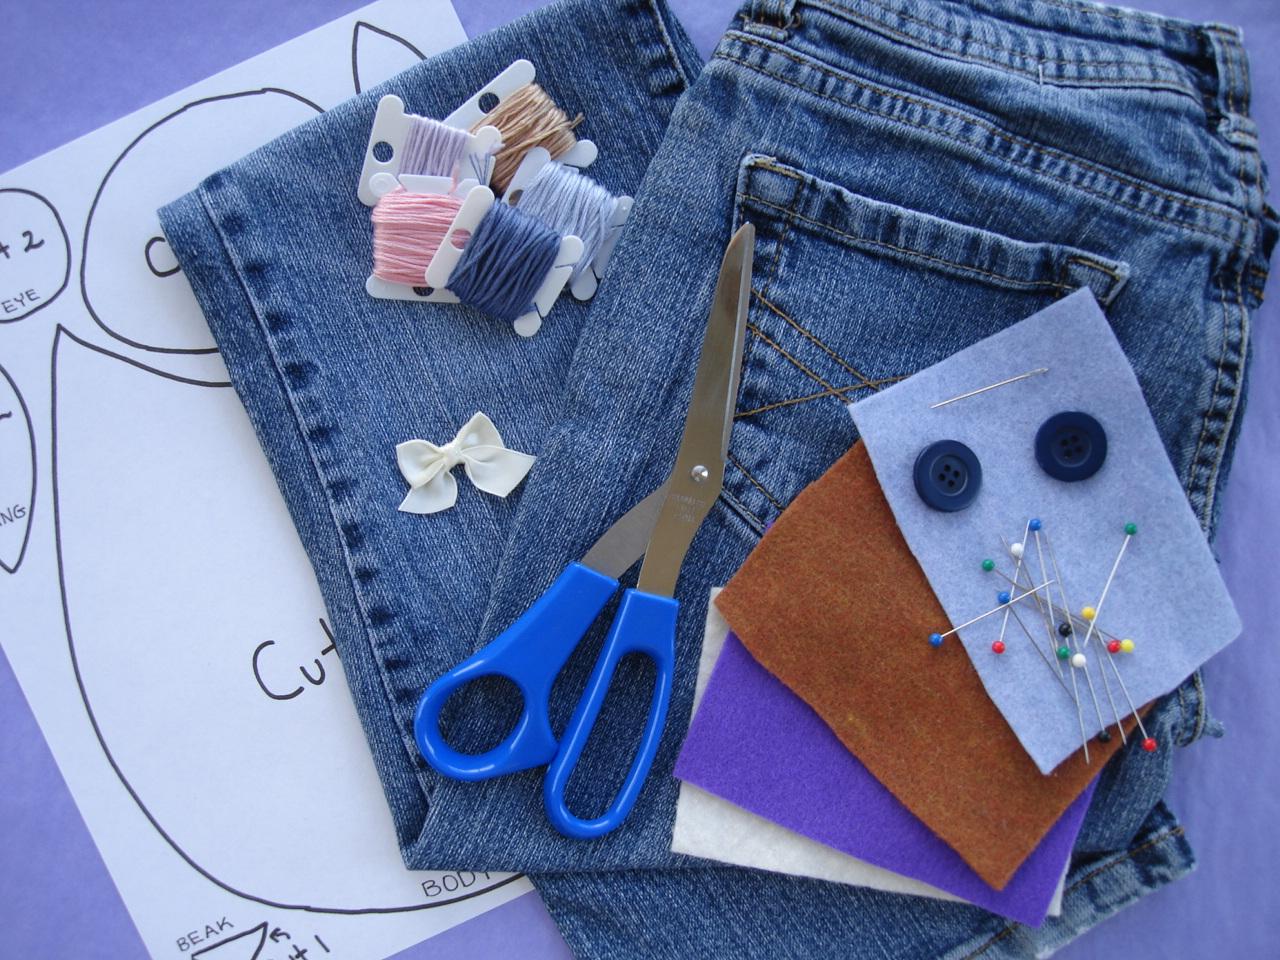 Сумочка джинсовая для телефона своими руками